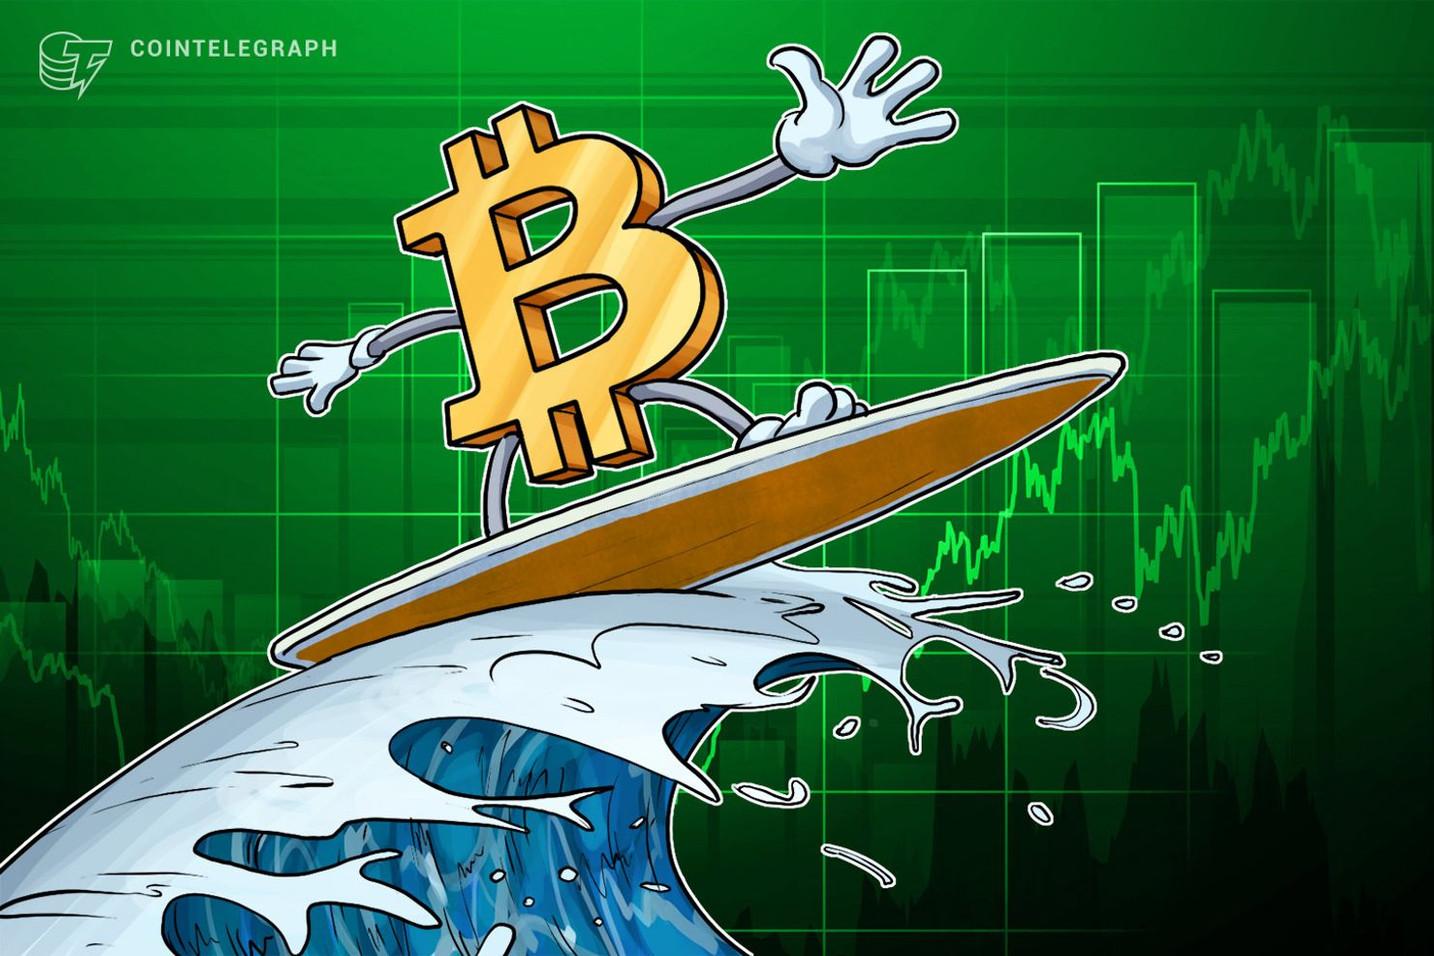 ビットコイン上昇、パウエル発言がきっかけか | 中銀のデジタル通貨開発はポジティブ要因【仮想通貨相場】